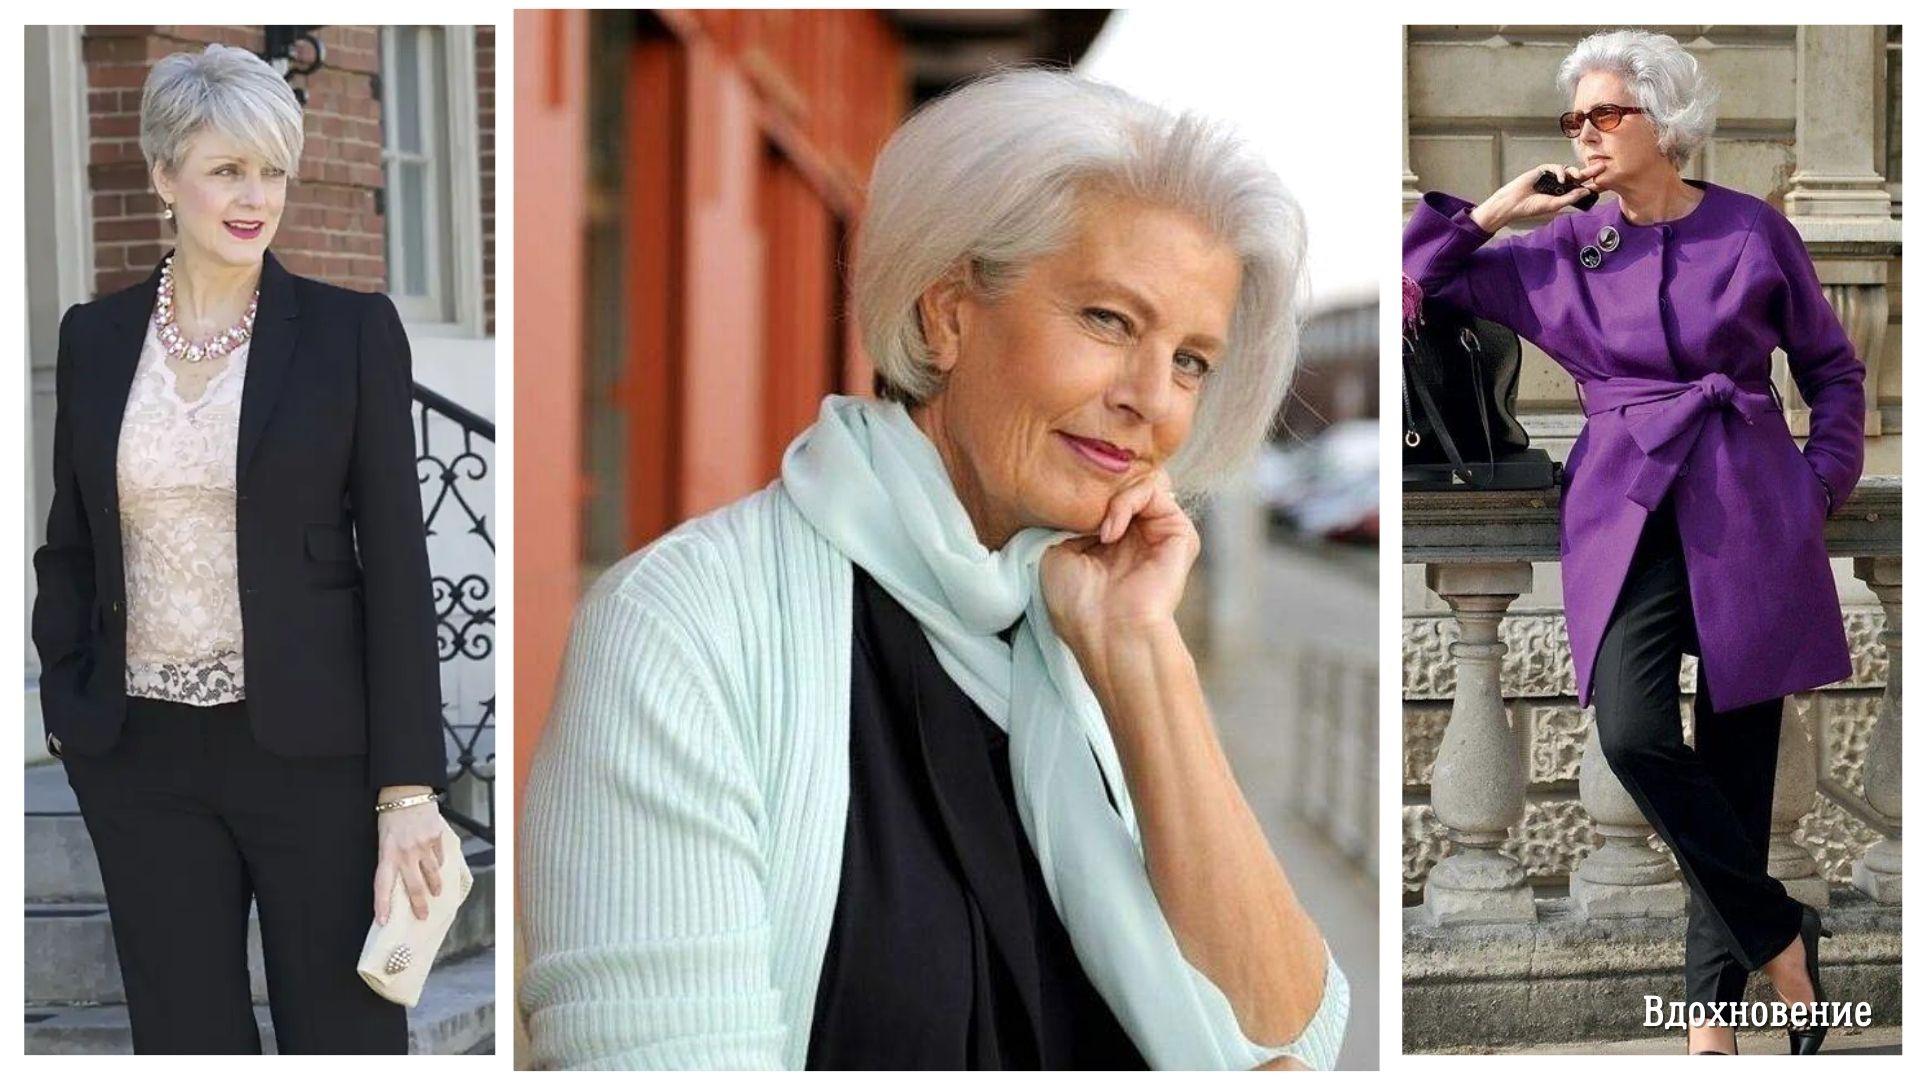 Женщина элегантного возраста: как грамотно расставить акценты в стиле и что можно и нужно подчеркивать во внешности